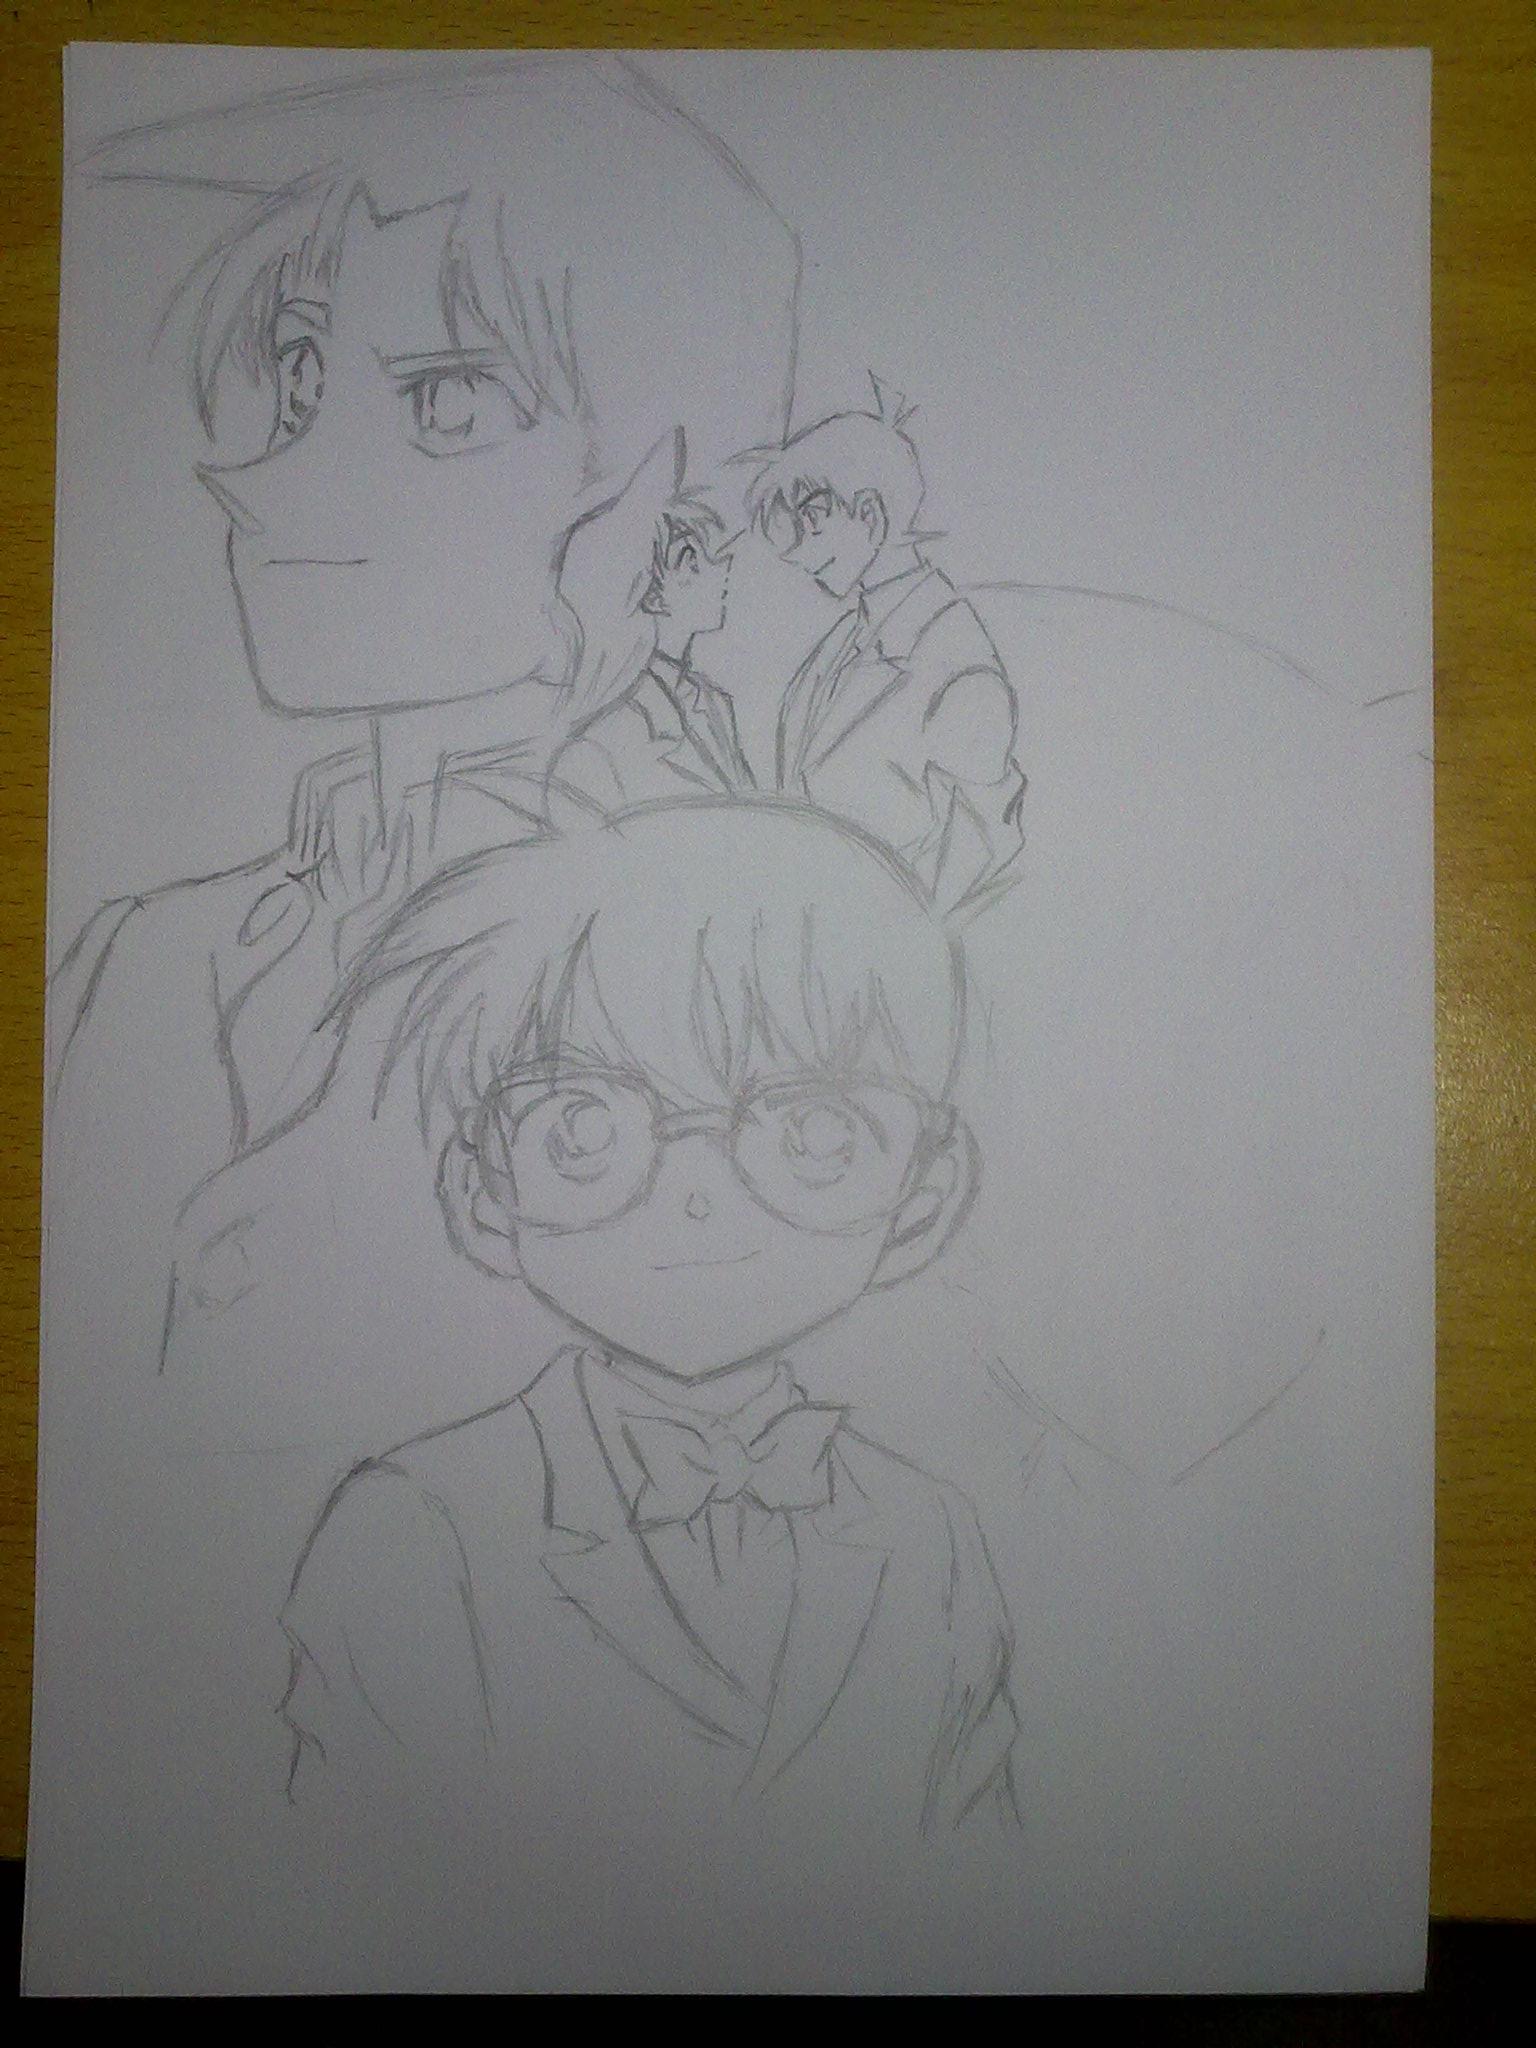 柯南素描铅笔画图片